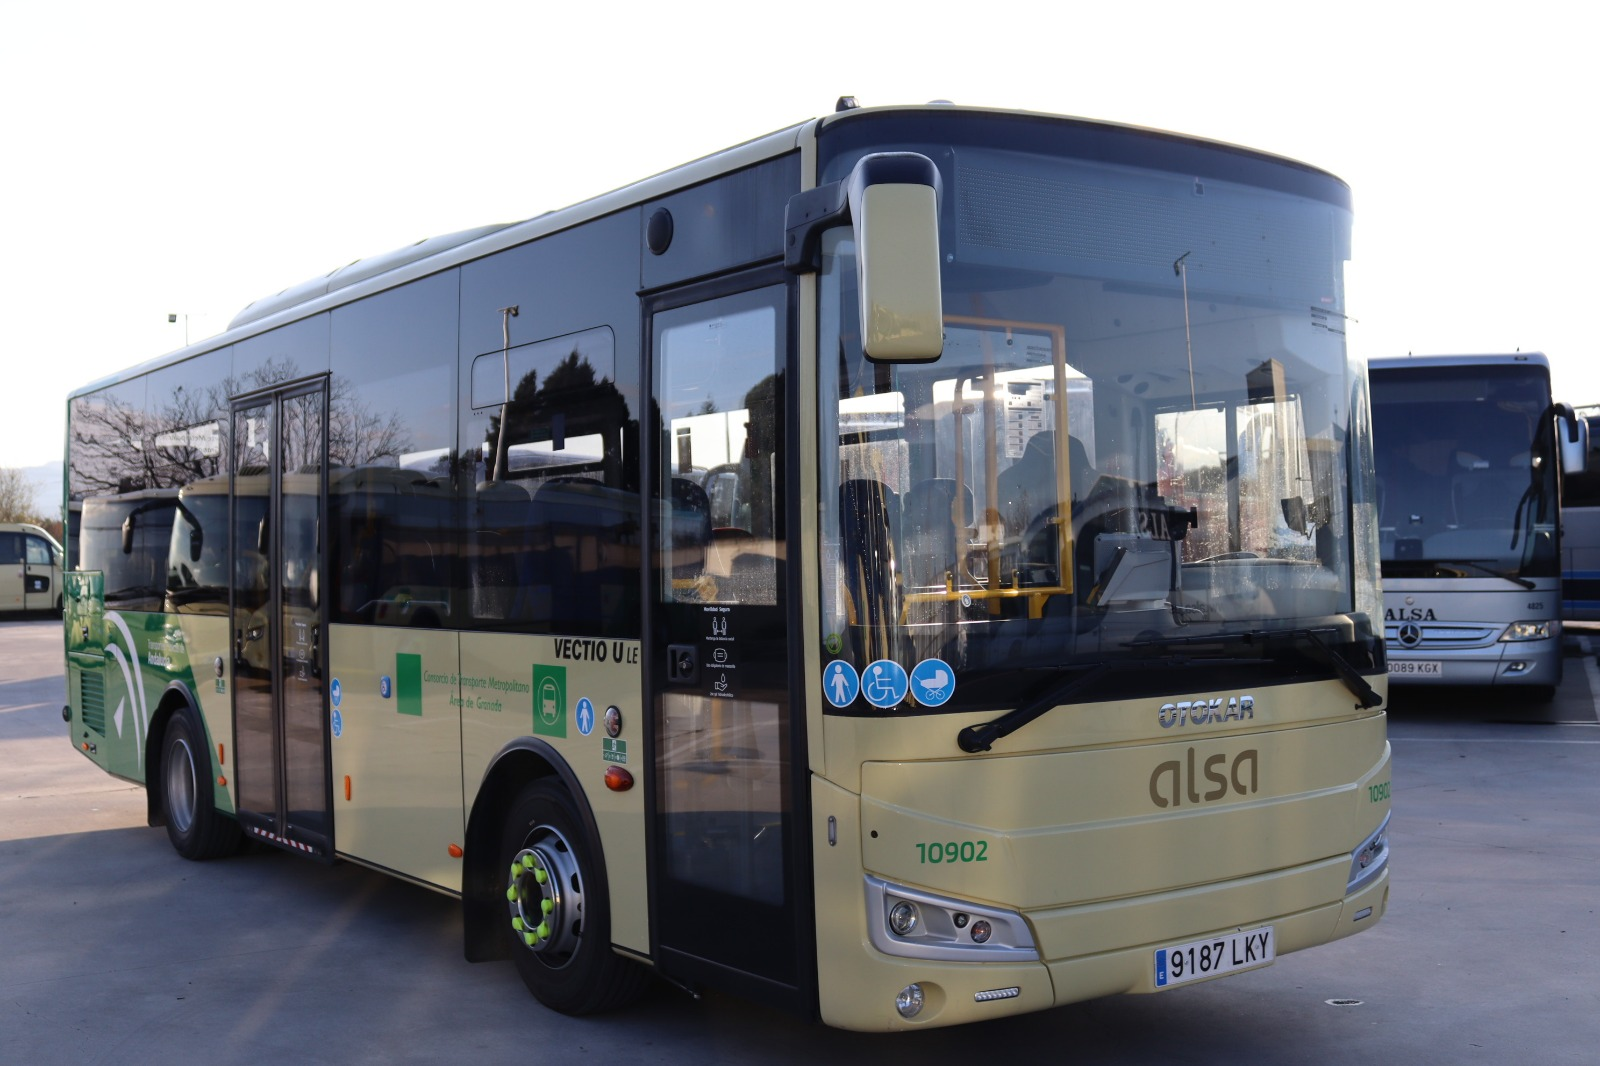 El Consorcio de Transporte pone en servicio cuatro nuevos autobuses metropolitanos